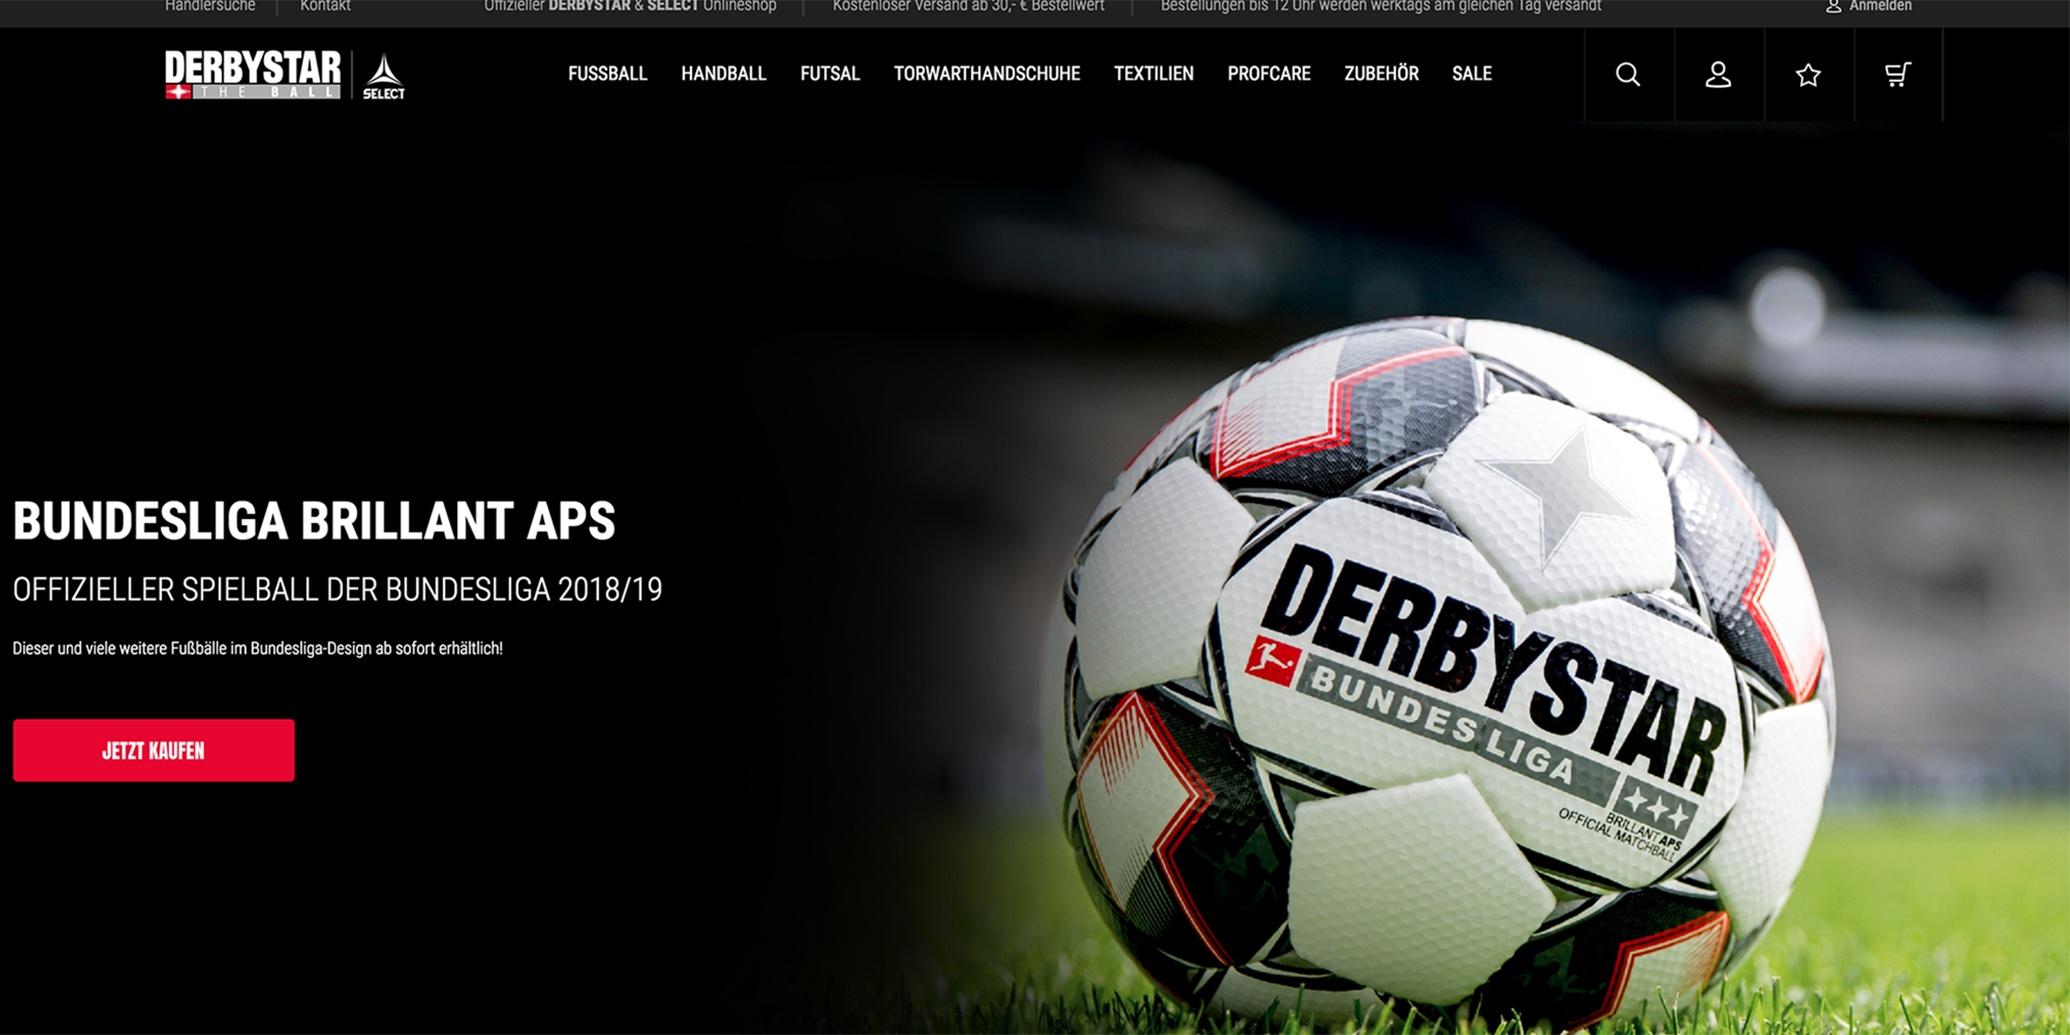 Creativestyle ermöglicht Sportfans Direktbestellungen im neuen Derbystar-Shop